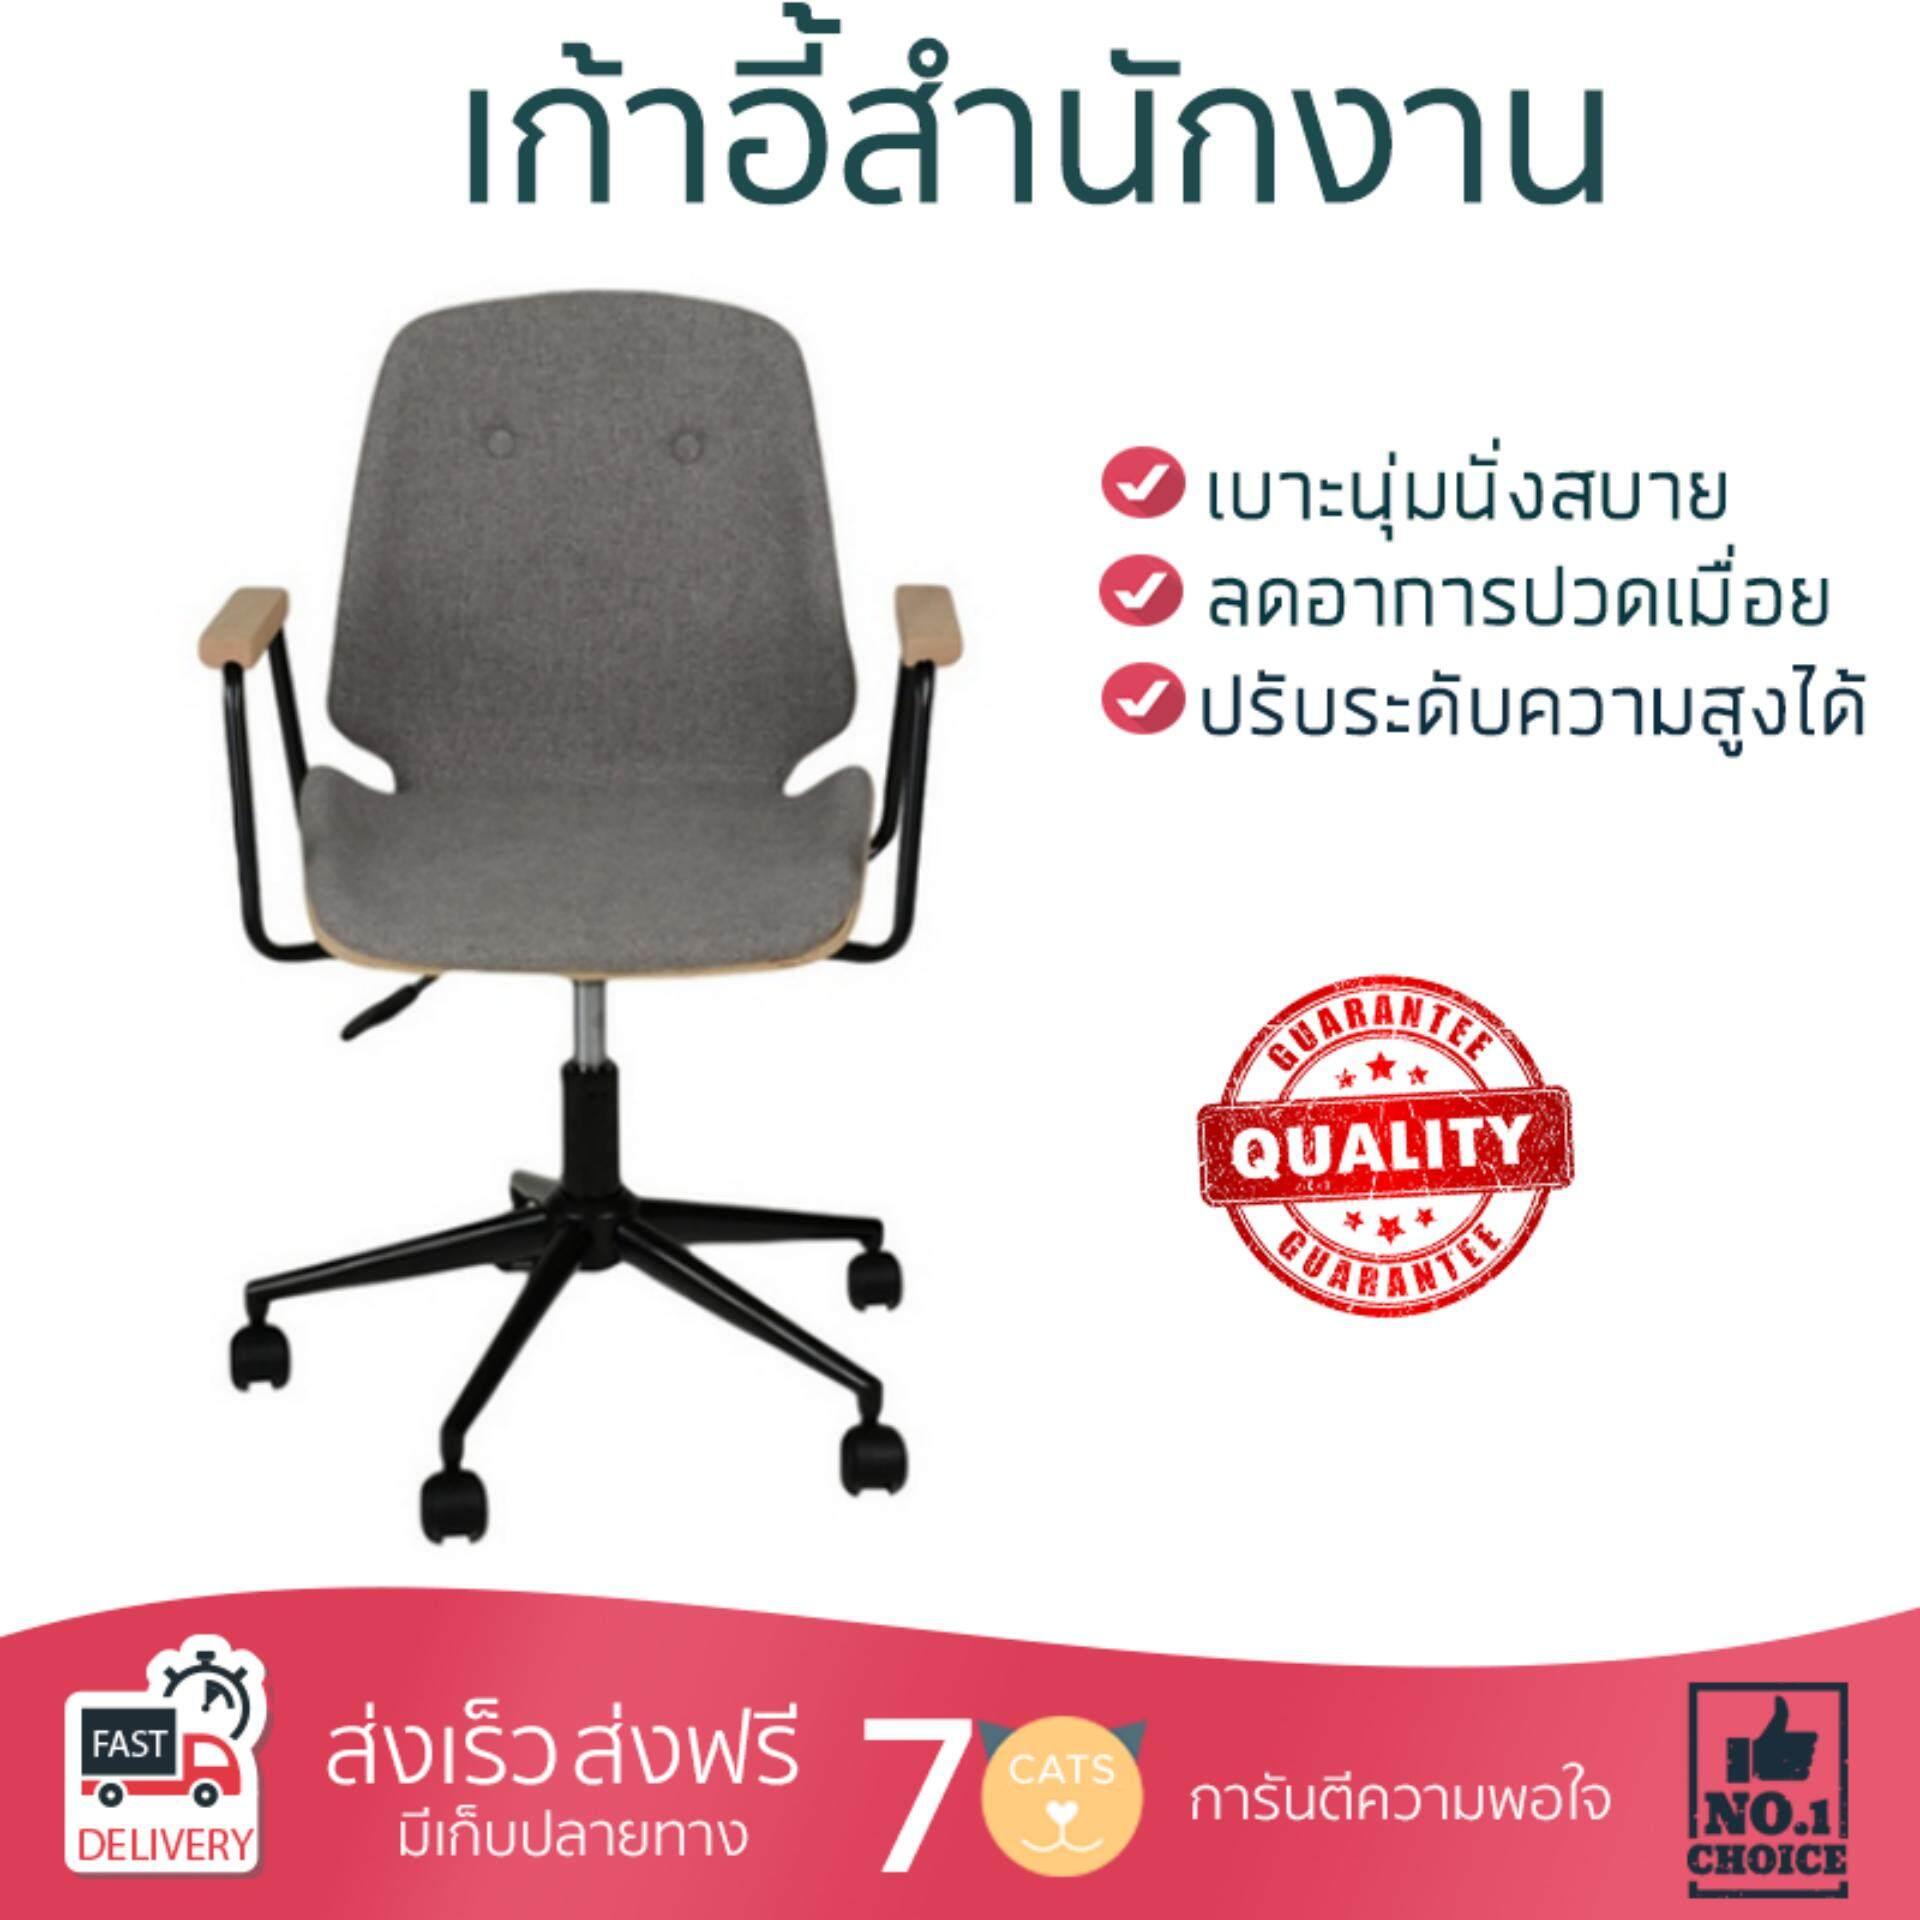 ขายดีมาก! ราคาพิเศษ เก้าอี้ทำงาน เก้าอี้สำนักงาน เก้าอี้สำนักงาน FREDA SDM-2691-5 ผ้า เทา | FURDINI | SDM-2691-5 ลดอาการปวดเมื่อยลำคอและไหล่ เบาะนุ่มกำลังดี นั่งสบาย ไม่อึดอัด ปรับระดับความสูงได้ Offi